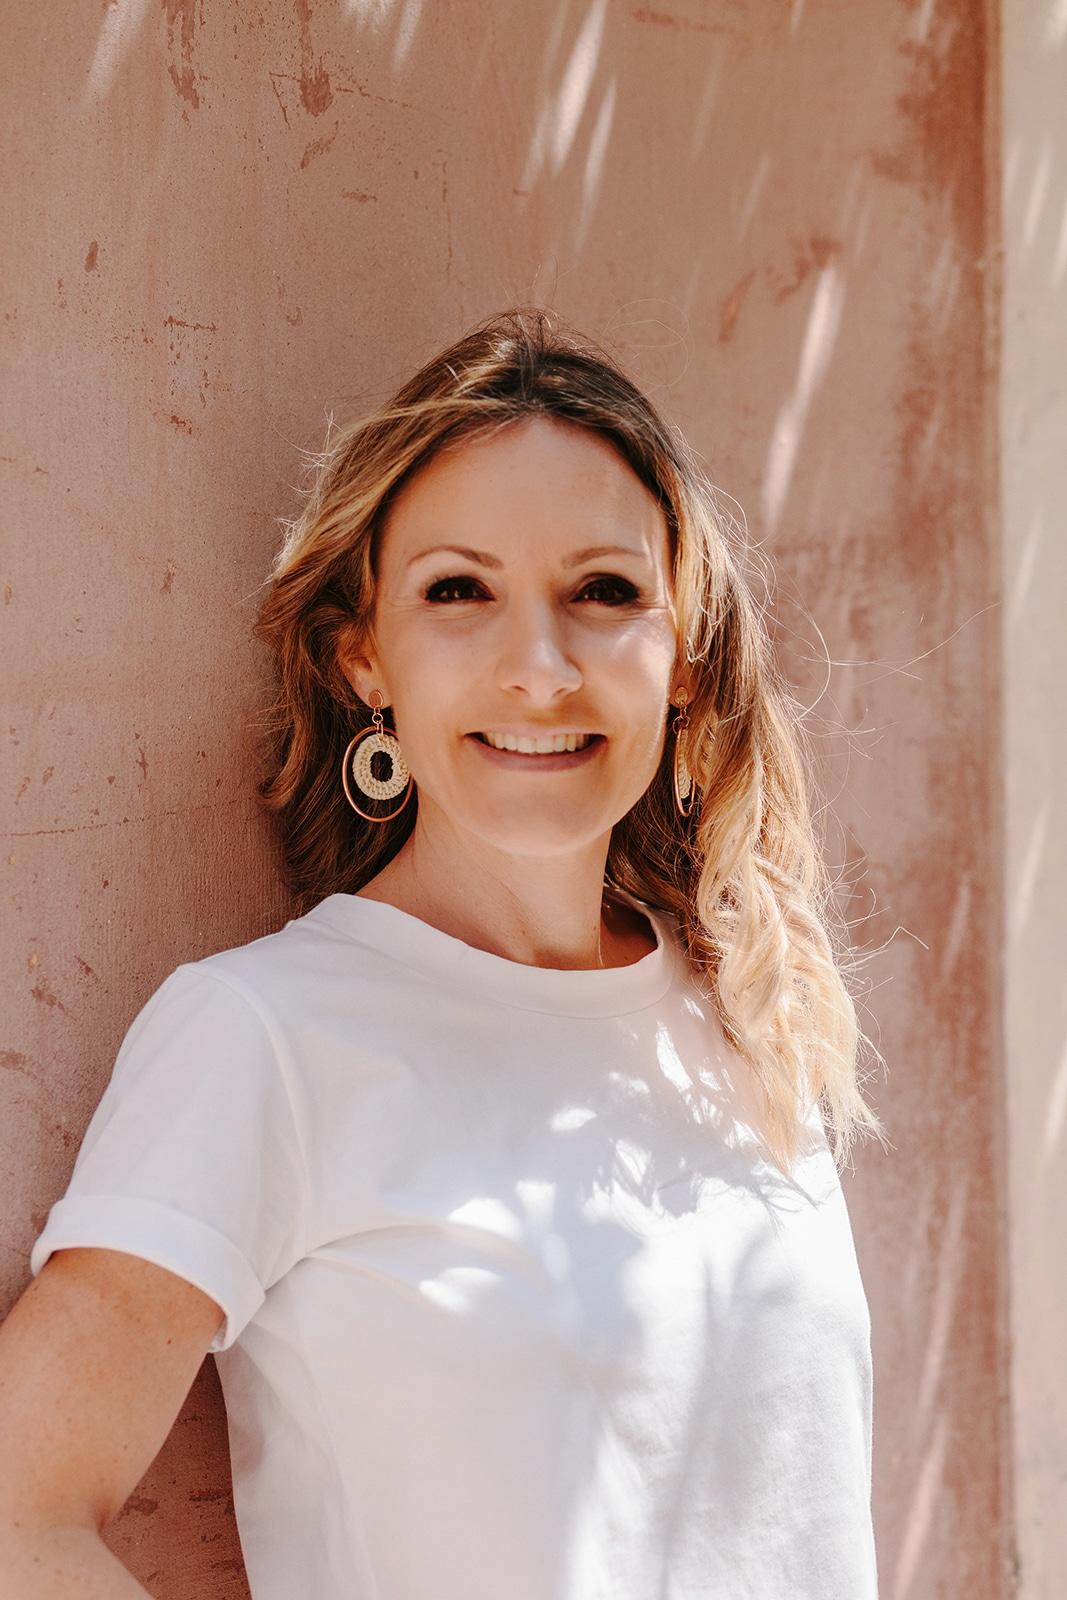 Aurelie Depeyre – creatrice de la marque – T-shirt pour la campagne Ulule – you and milk – Coloris blanc – Formilkdable – Printemps – ete – 2019 – Lancement de marque